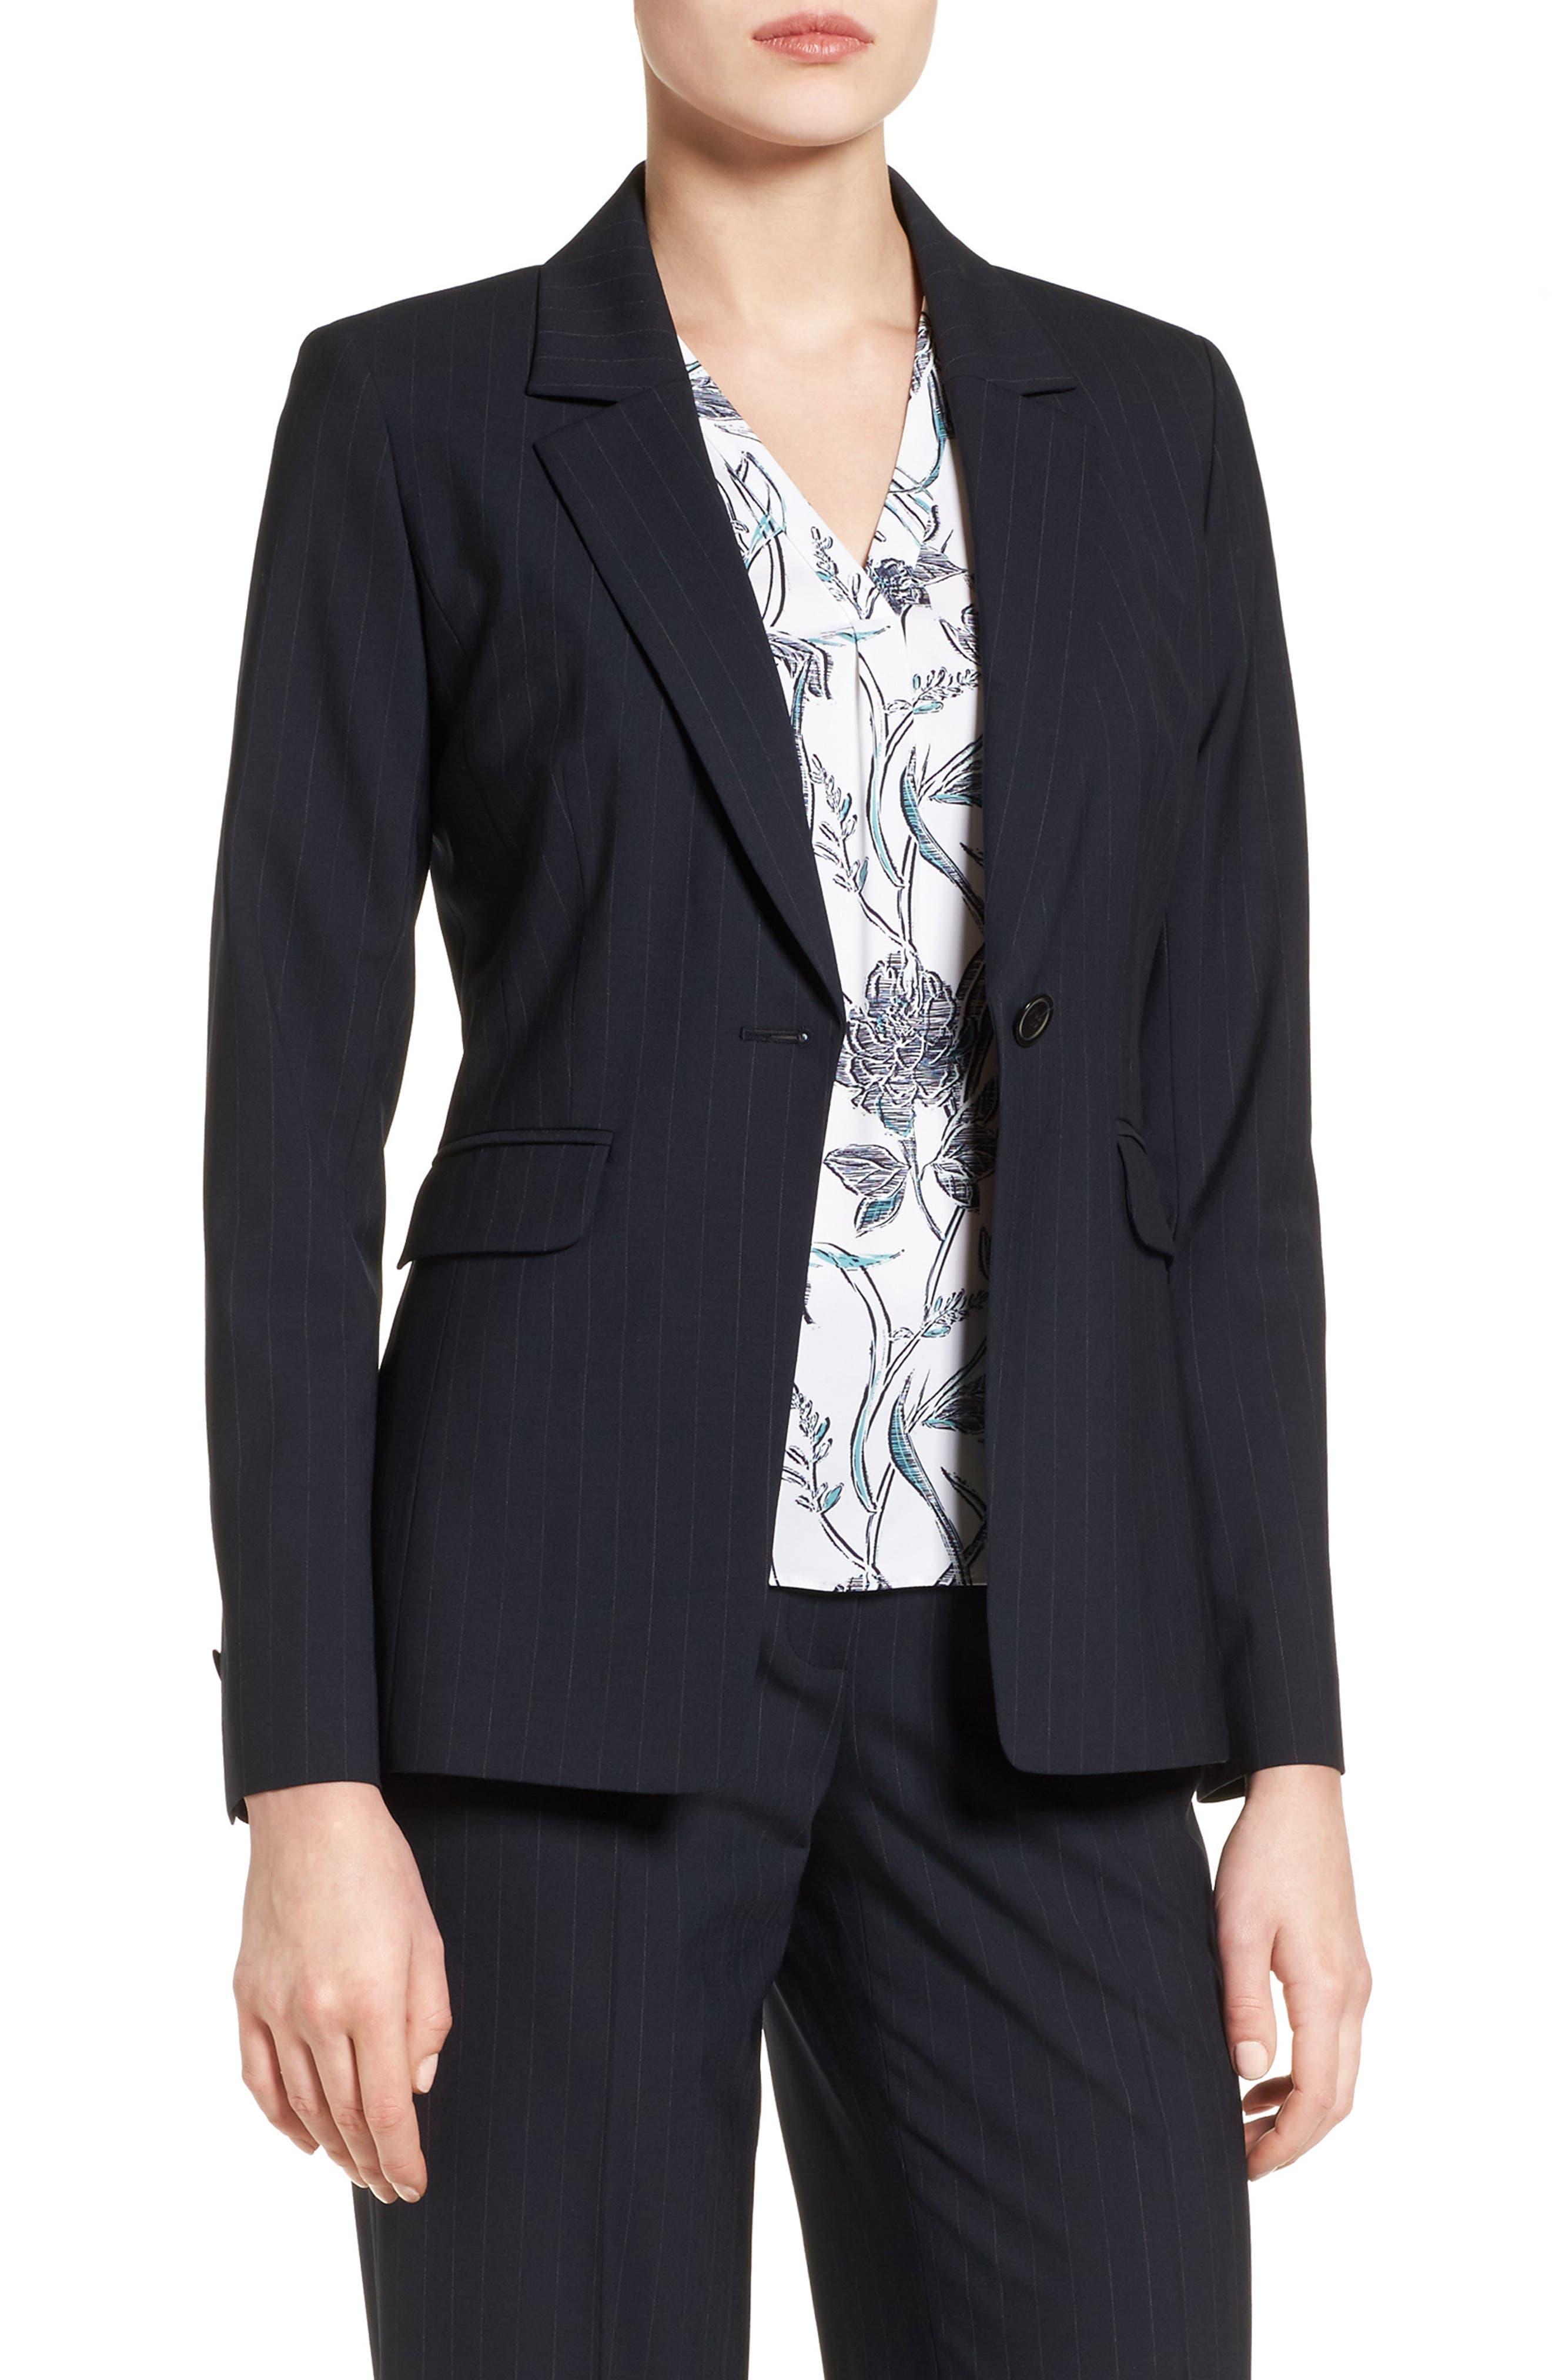 CLASSIQUES ENTIER® Classiques Entier Pinstripe Suiting Jacket